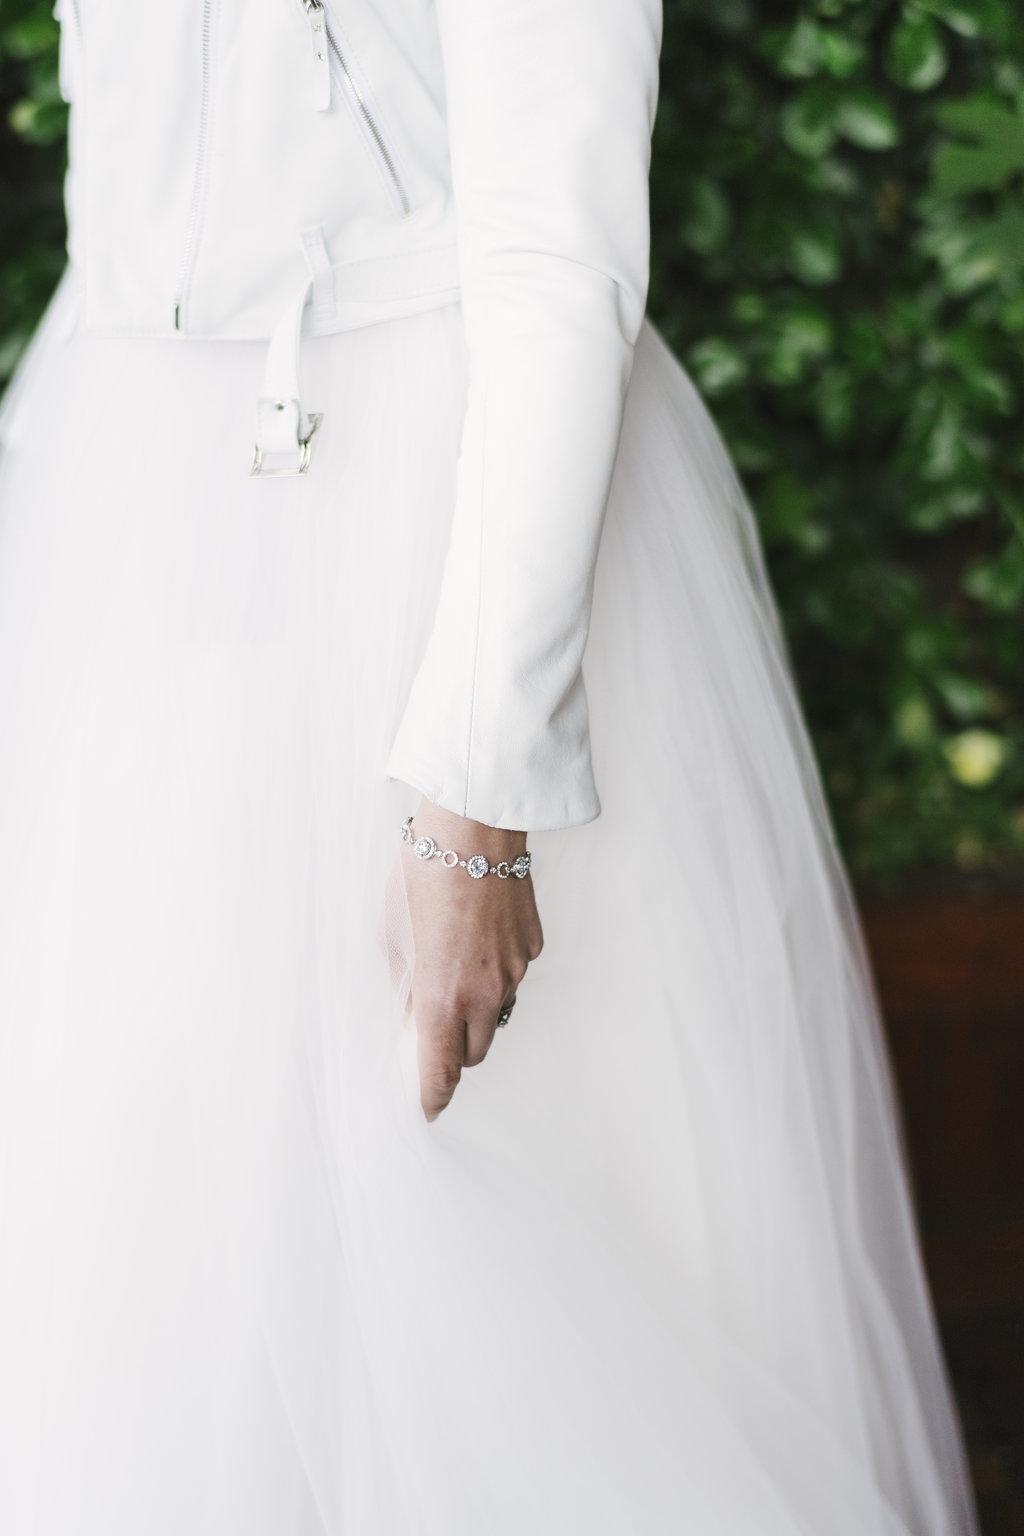 Nathalie Kraynina Bride At The Big Fake WeddingAliciaKingPhotographyBigFakeWedding067.jpg